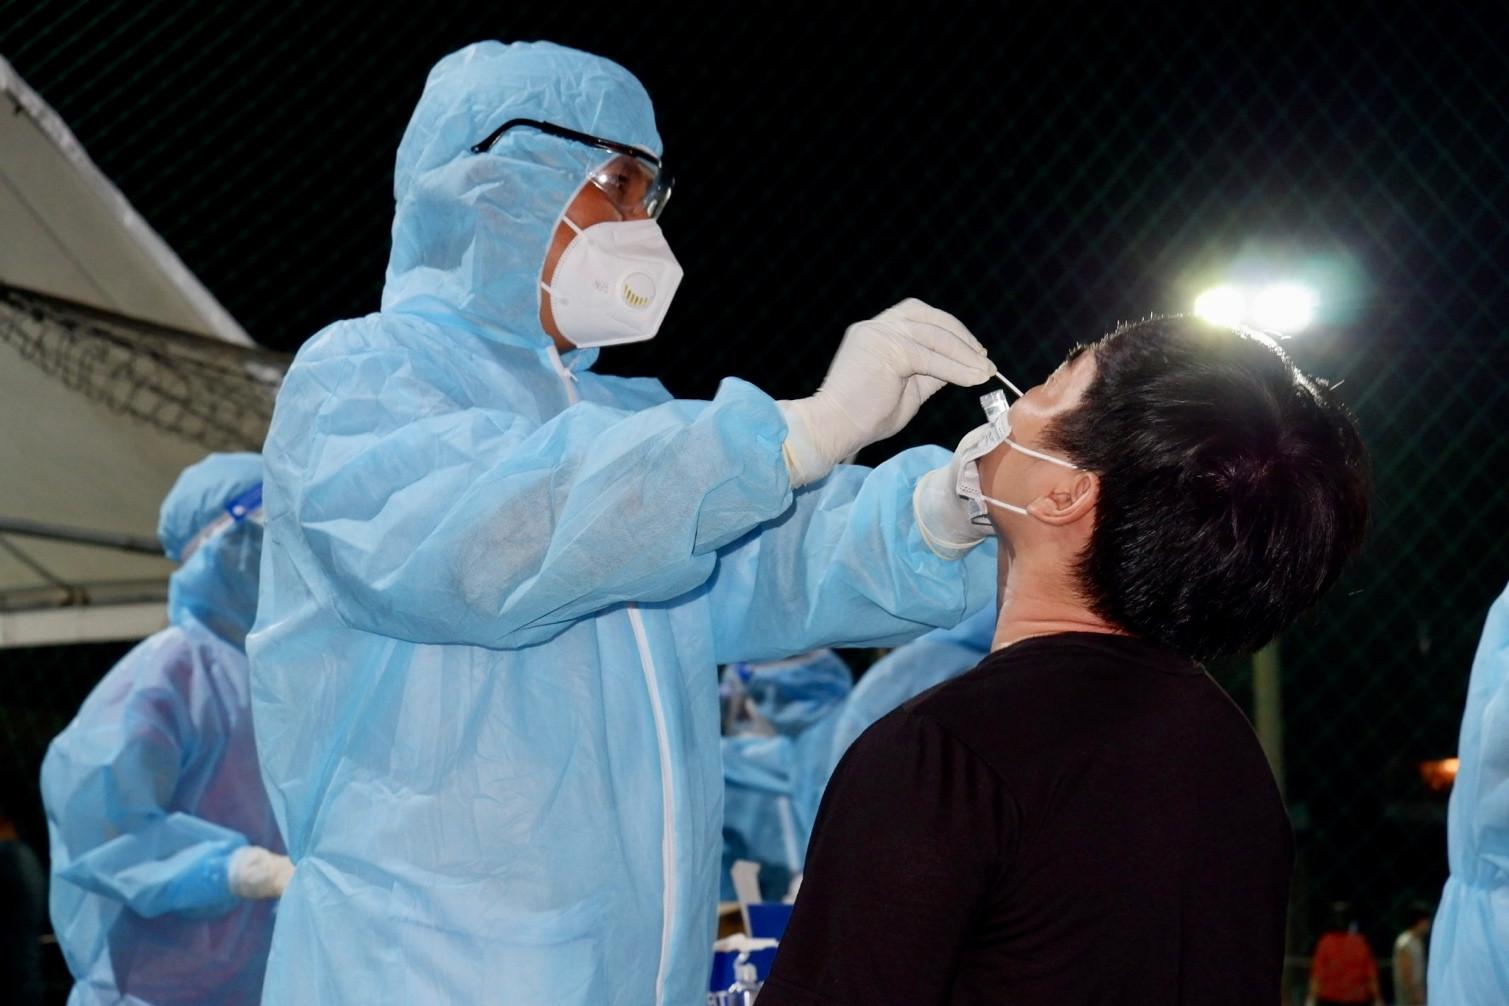 Sáng 21/9: Hơn 464.300 ca COVID-19 đã chữa khỏi; Hà Nam tìm người đến các địa điểm liên quan đến chùm F0 - Ảnh 2.